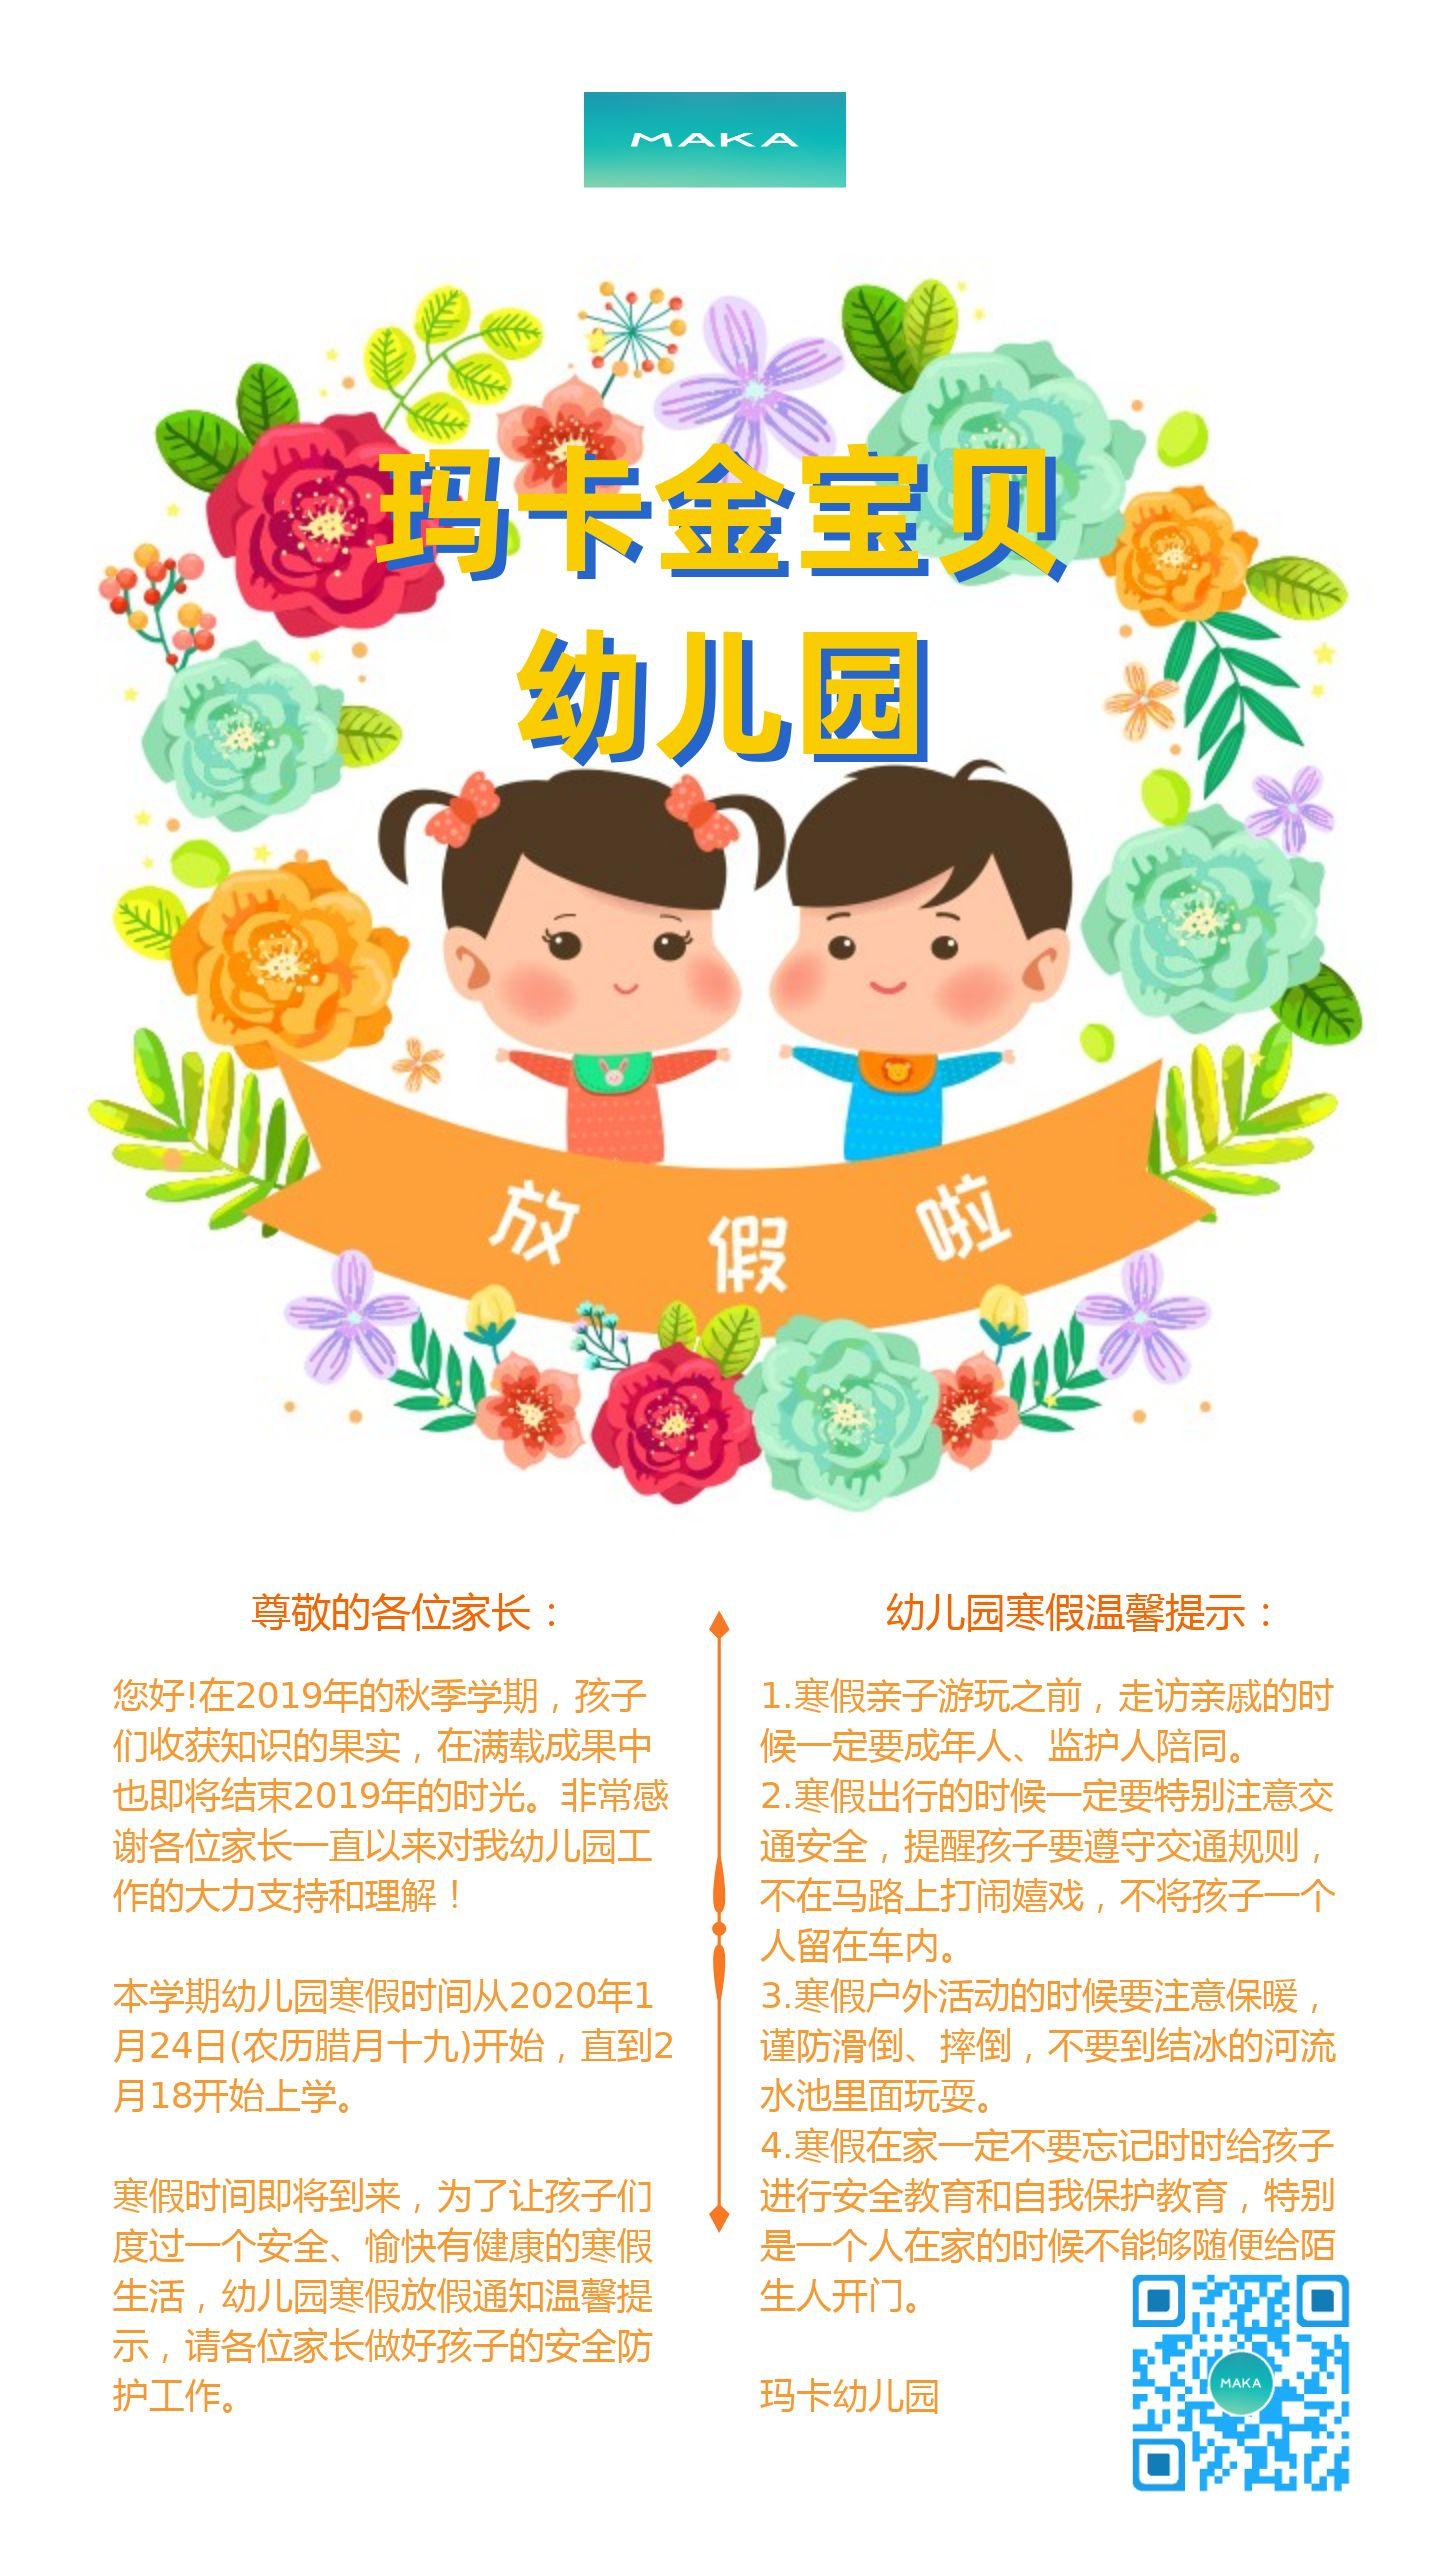 橙色卡通手绘早教宣传活动邀请通知海报